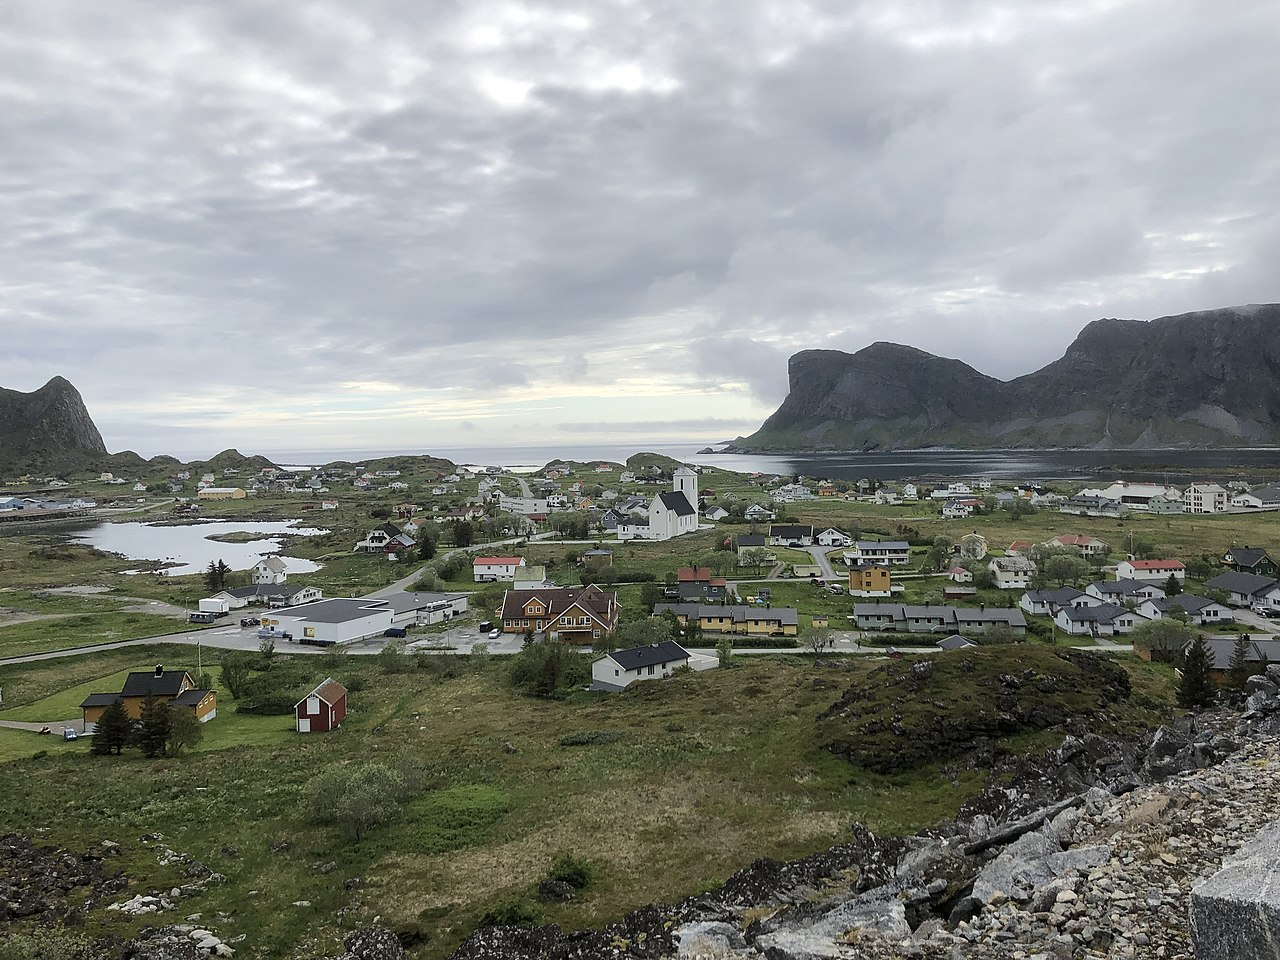 Sørland village in Verøy